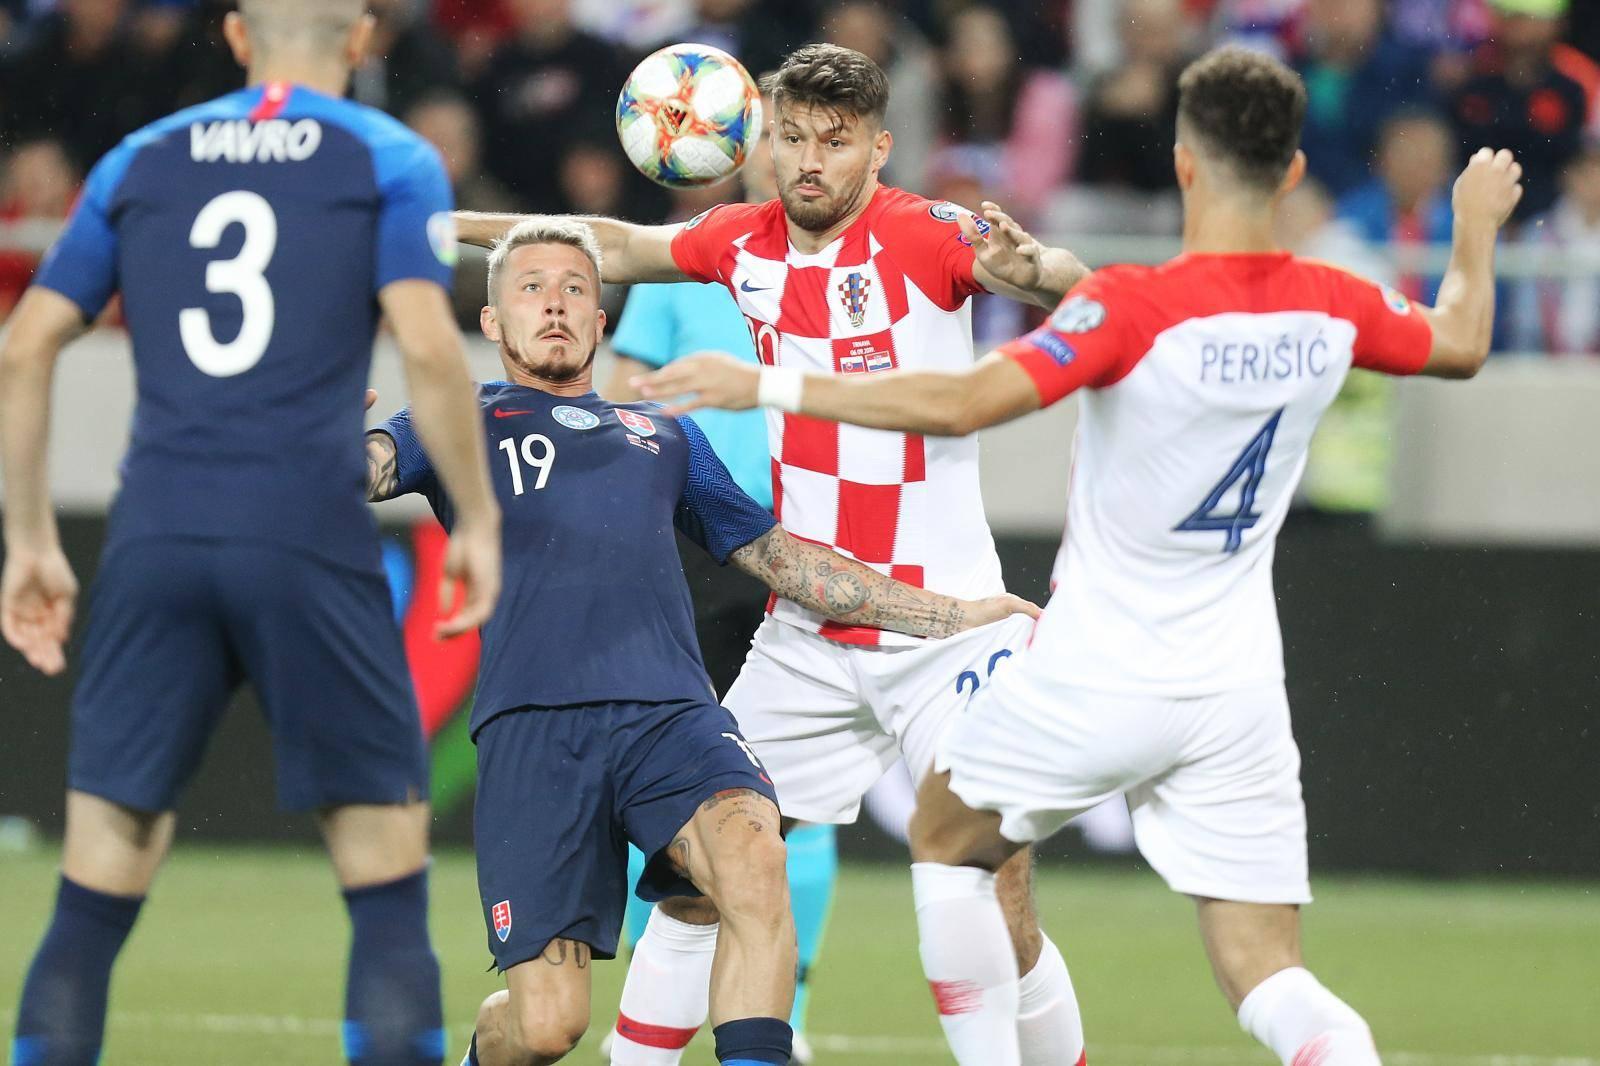 Trnava: Kvalifikacijska utakmica Slovačke i Hrvatske za Europsko prvenstvo